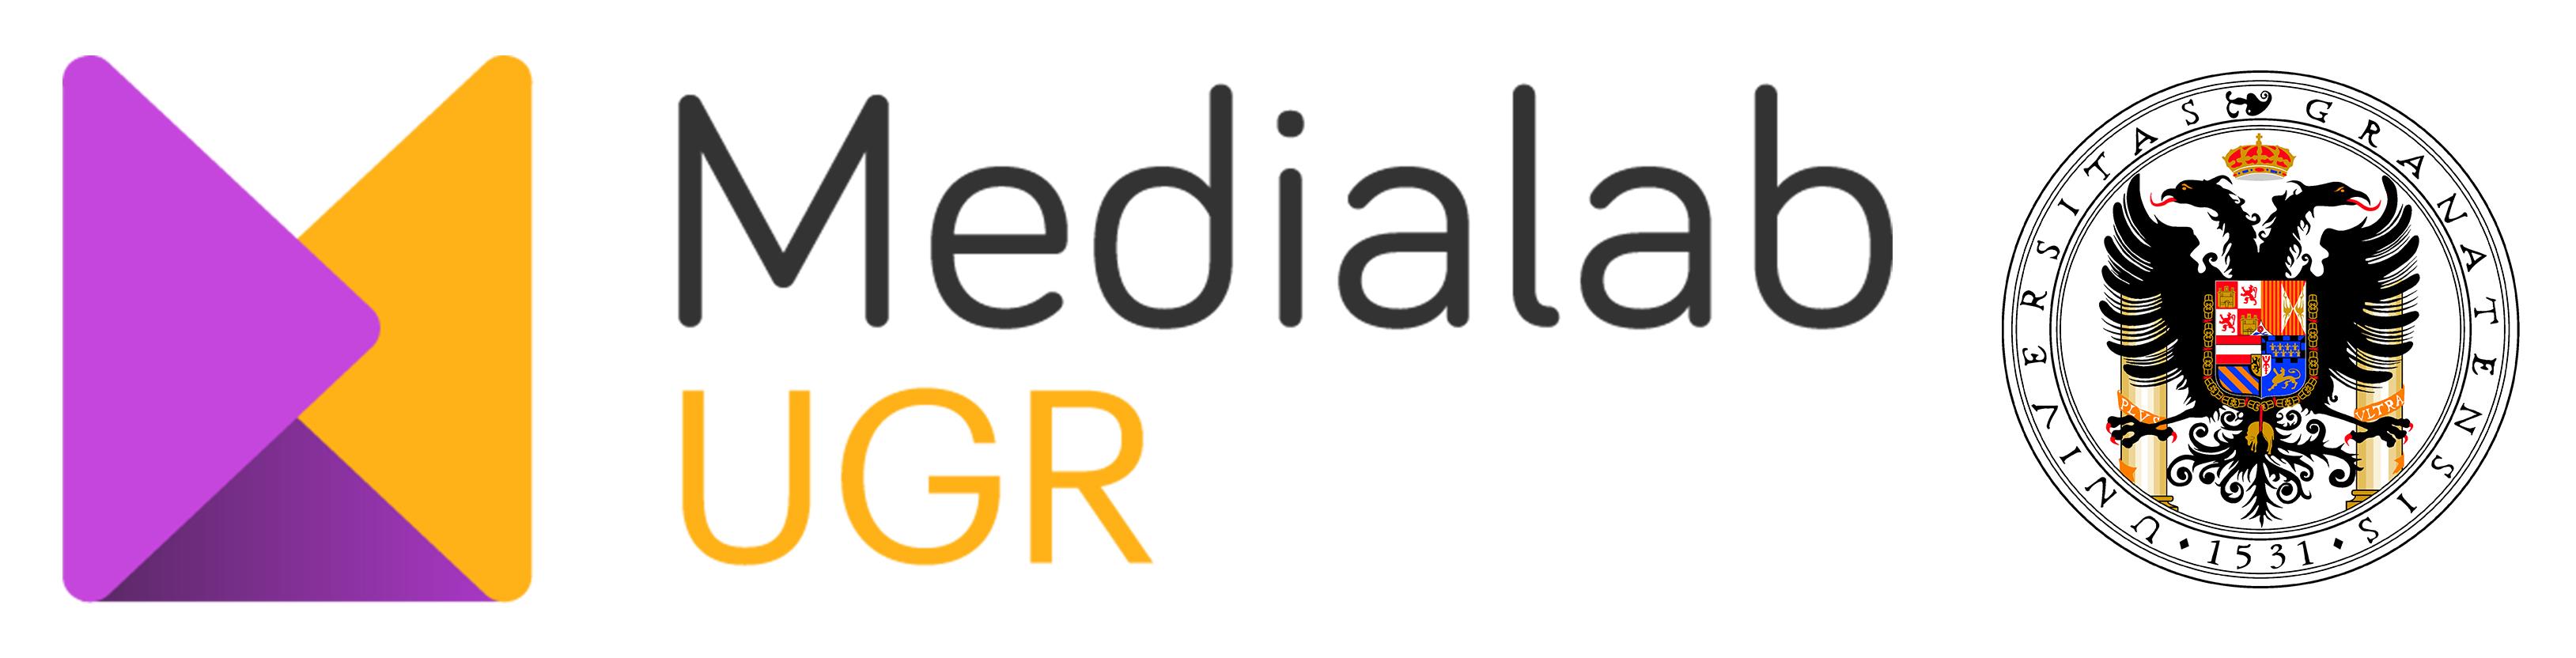 MediaLab UGR lanza su primera App para acceder a contenidos y a agenda